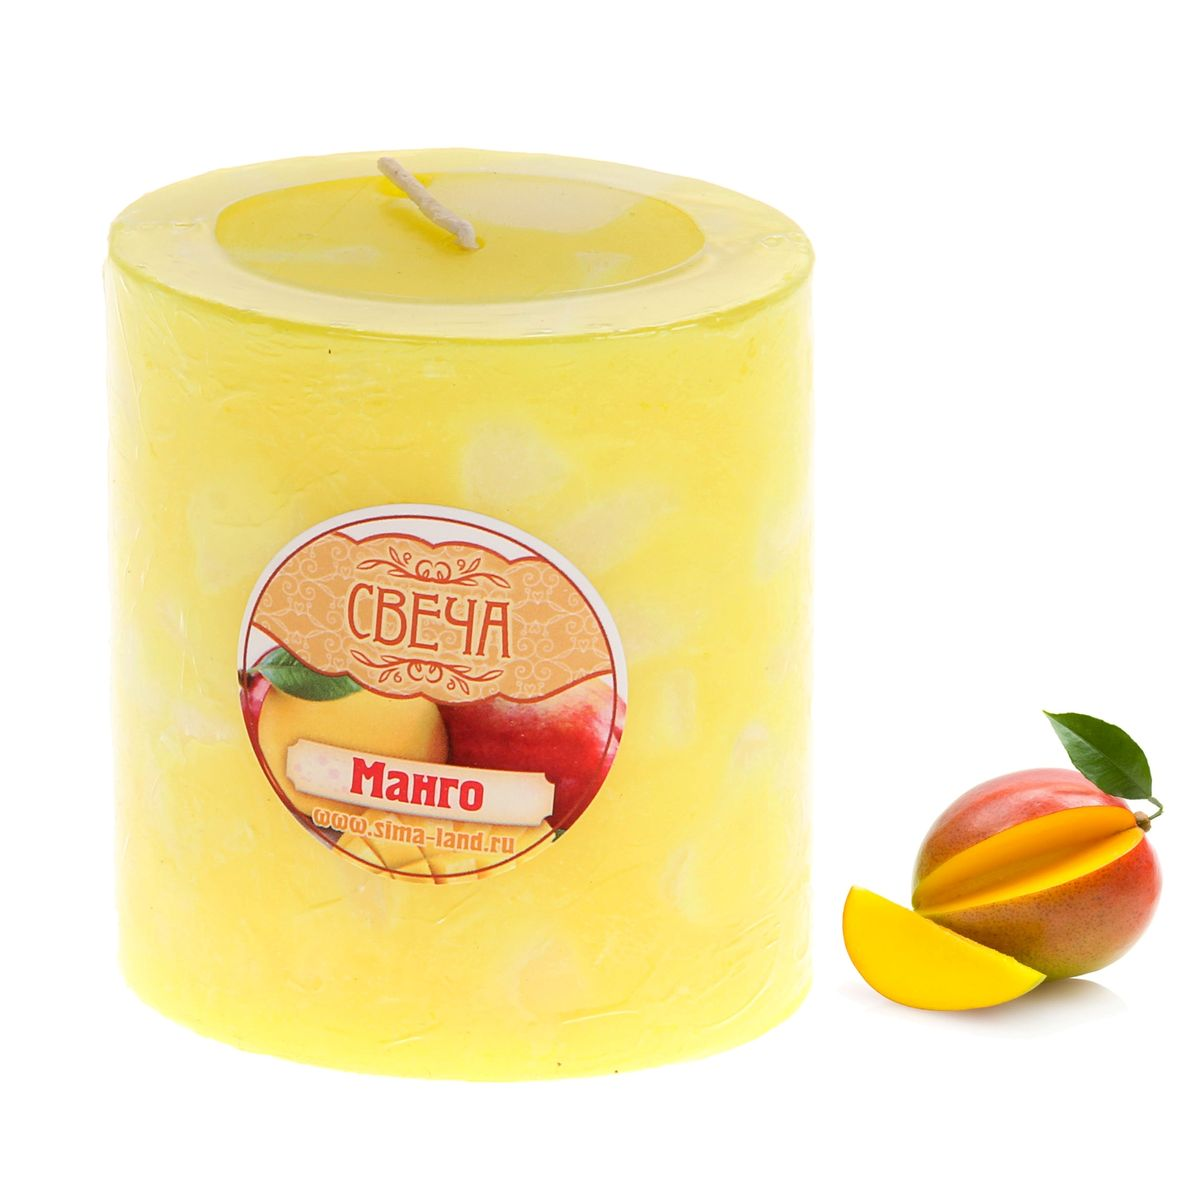 """Ароматизированная свеча Sima-land """"Слияние"""" изготовлена из воска. Изделие отличается оригинальным дизайном и приятным ароматом манго.Свеча Sima-land """"Слияние"""" - это прекрасный выбор для тех, кто хочет сделать запоминающийся презент родным и близким. Она поможет создать атмосферу праздника. Такой подарок запомнится надолго."""